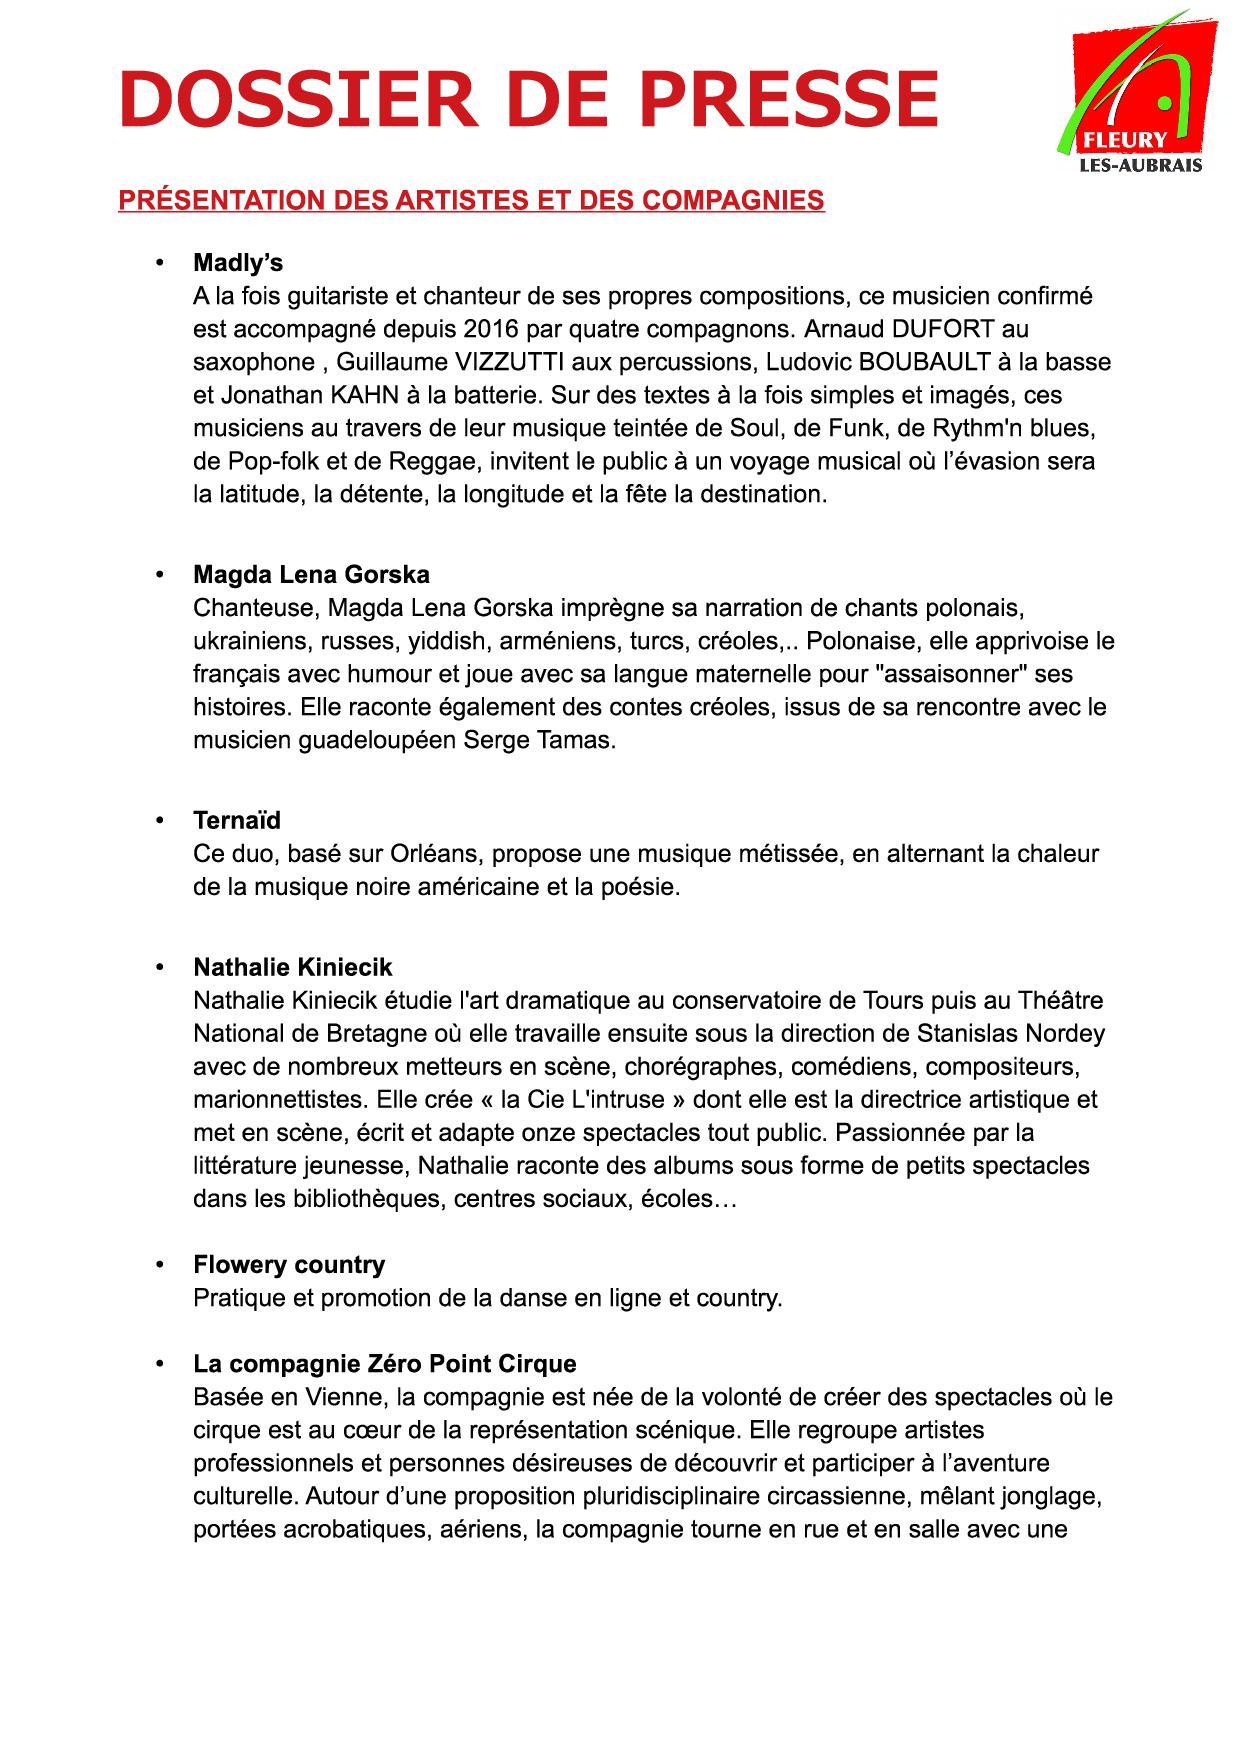 Dossier de presse - Les Estivales de Lamballe 20204.jpg